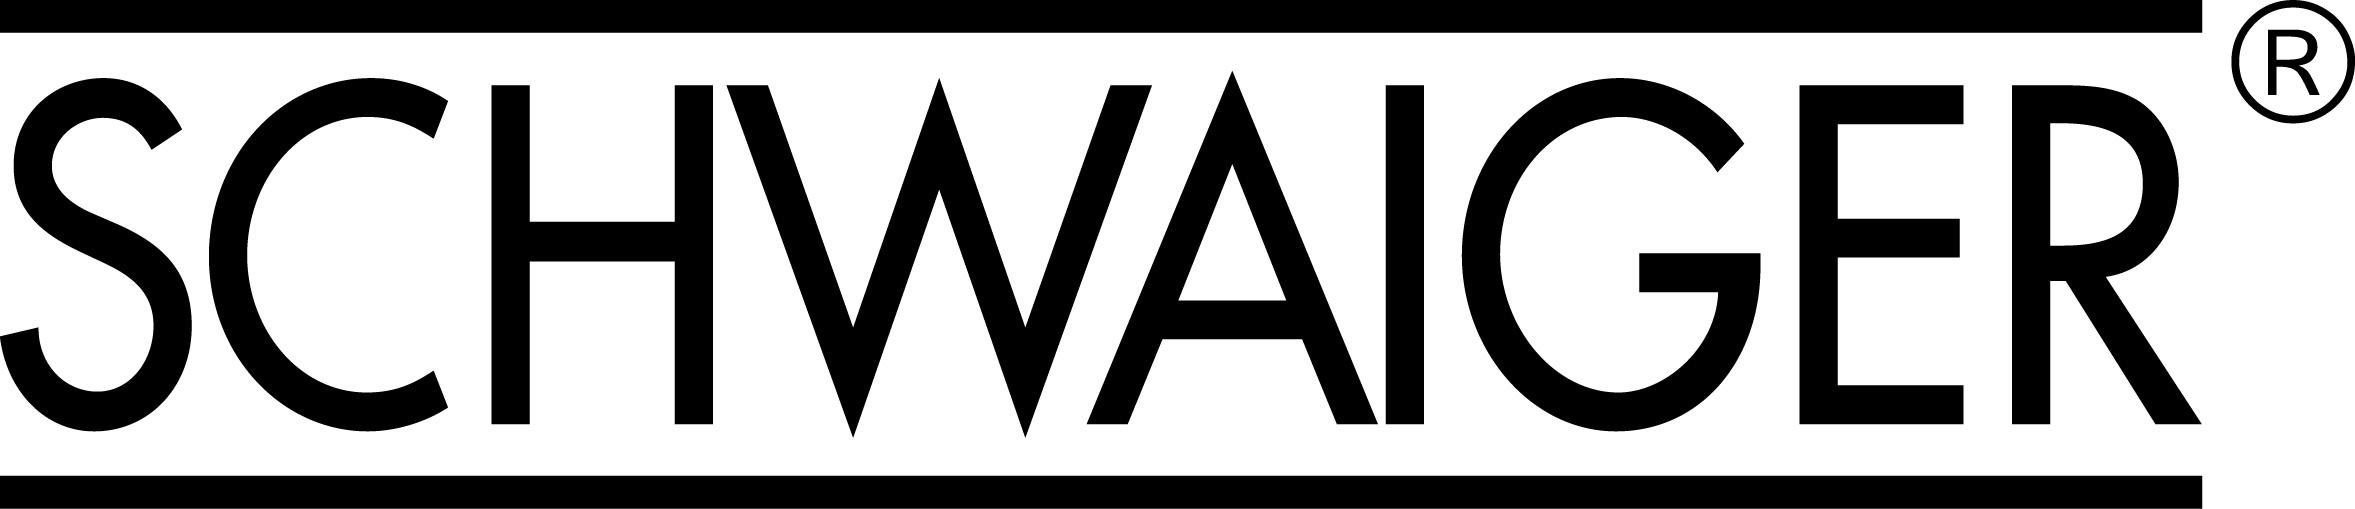 schwaiger logo